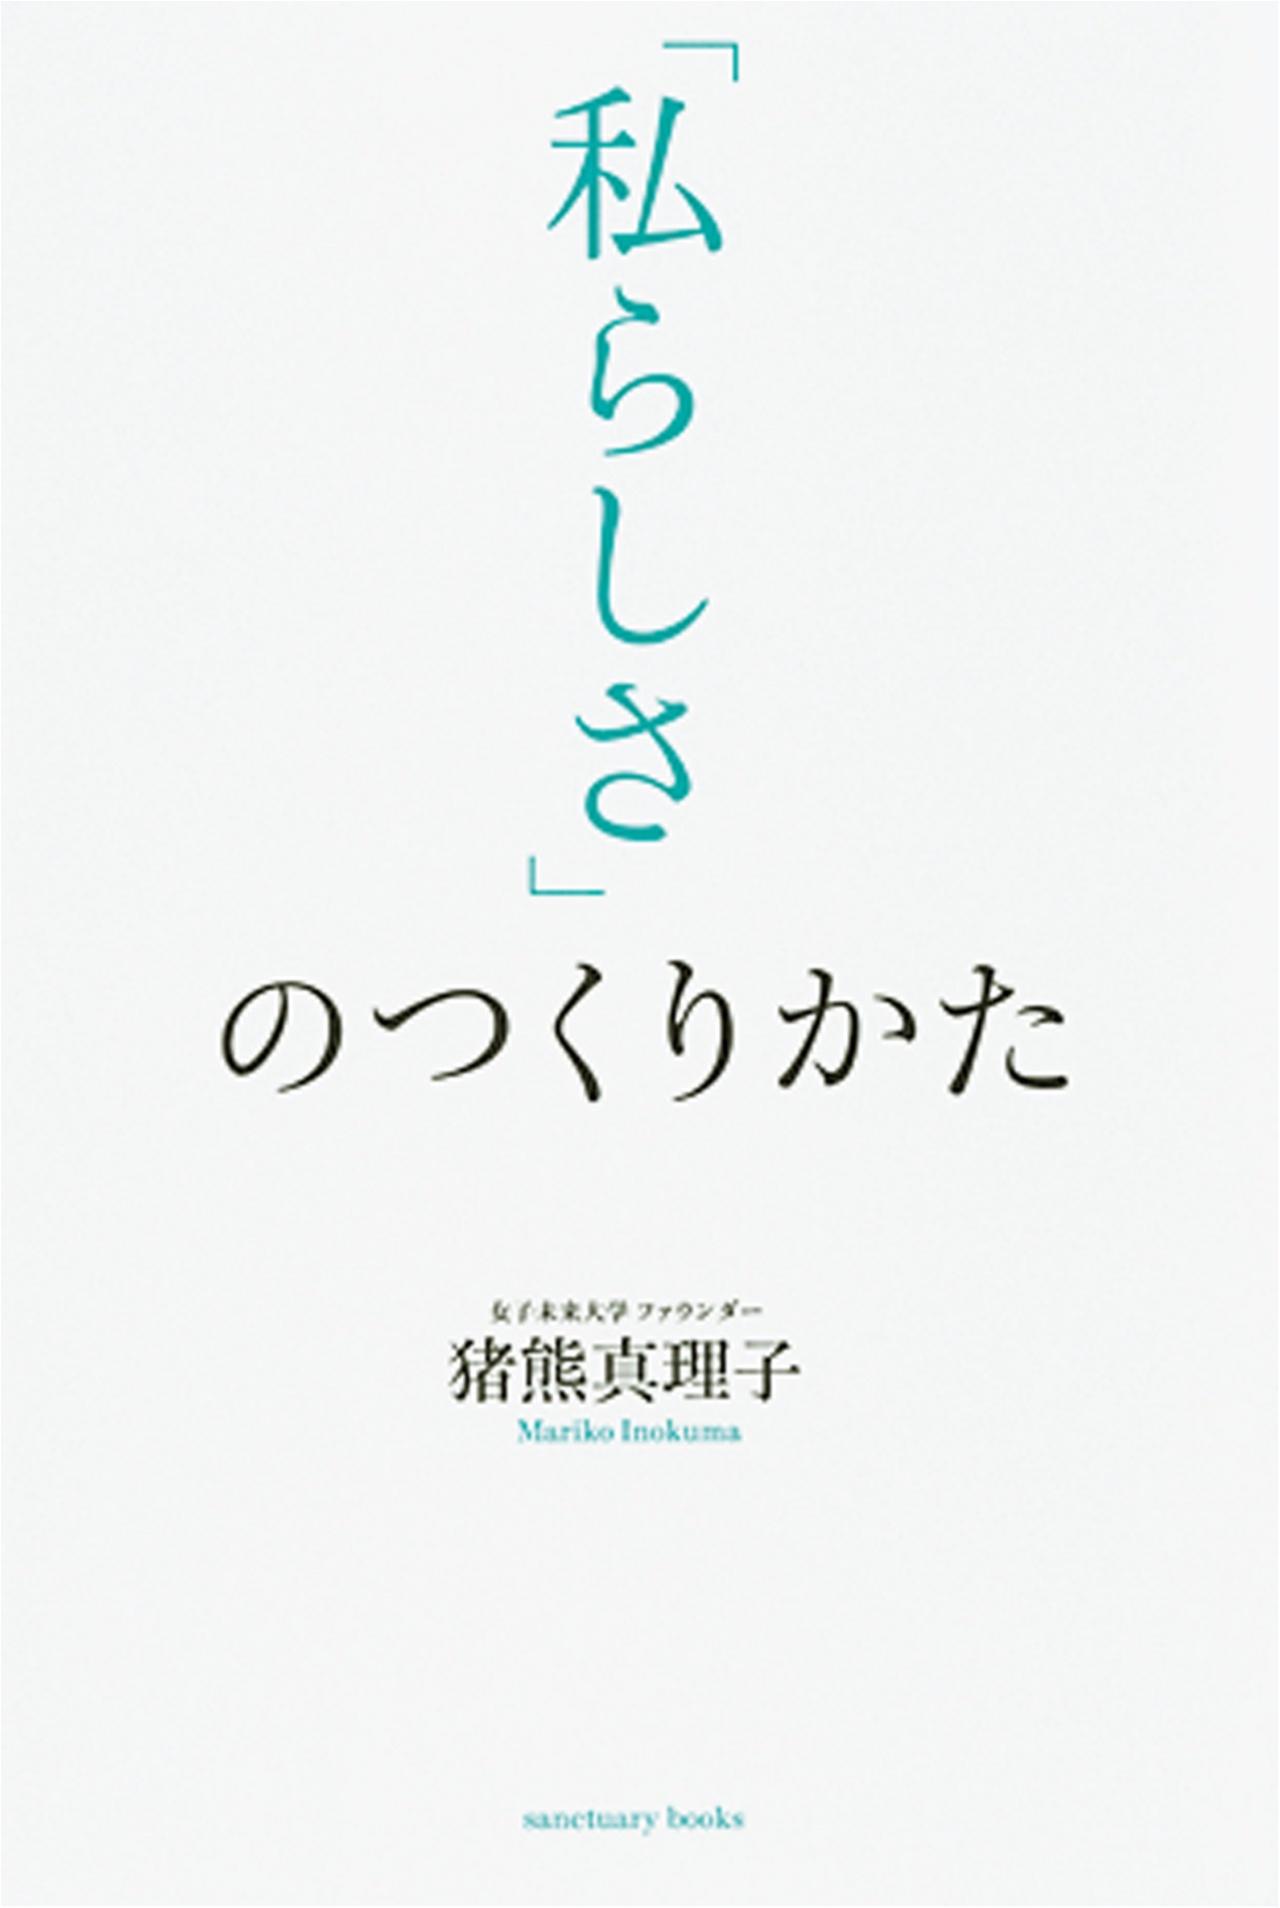 宮下奈都の「本屋大賞」受賞後、第1作『静かな雨』ほか、今月のオススメ★BOOK_2